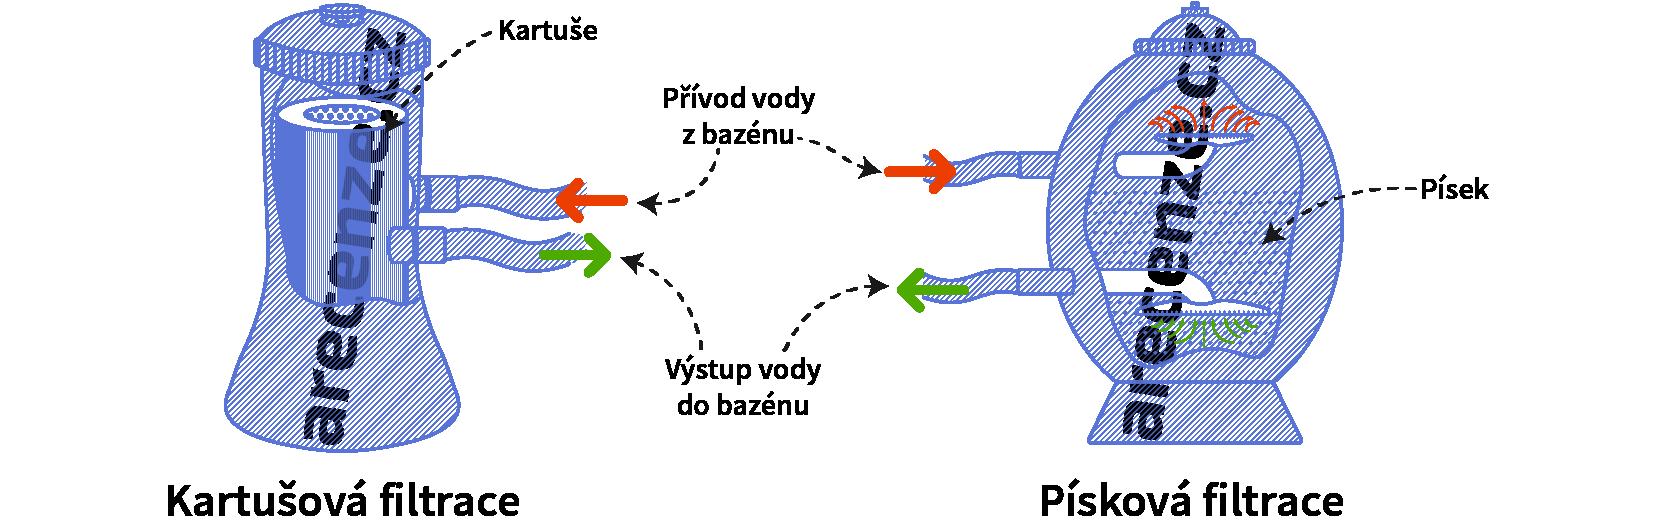 Znázornění fungování kartušové a pískové filtrace